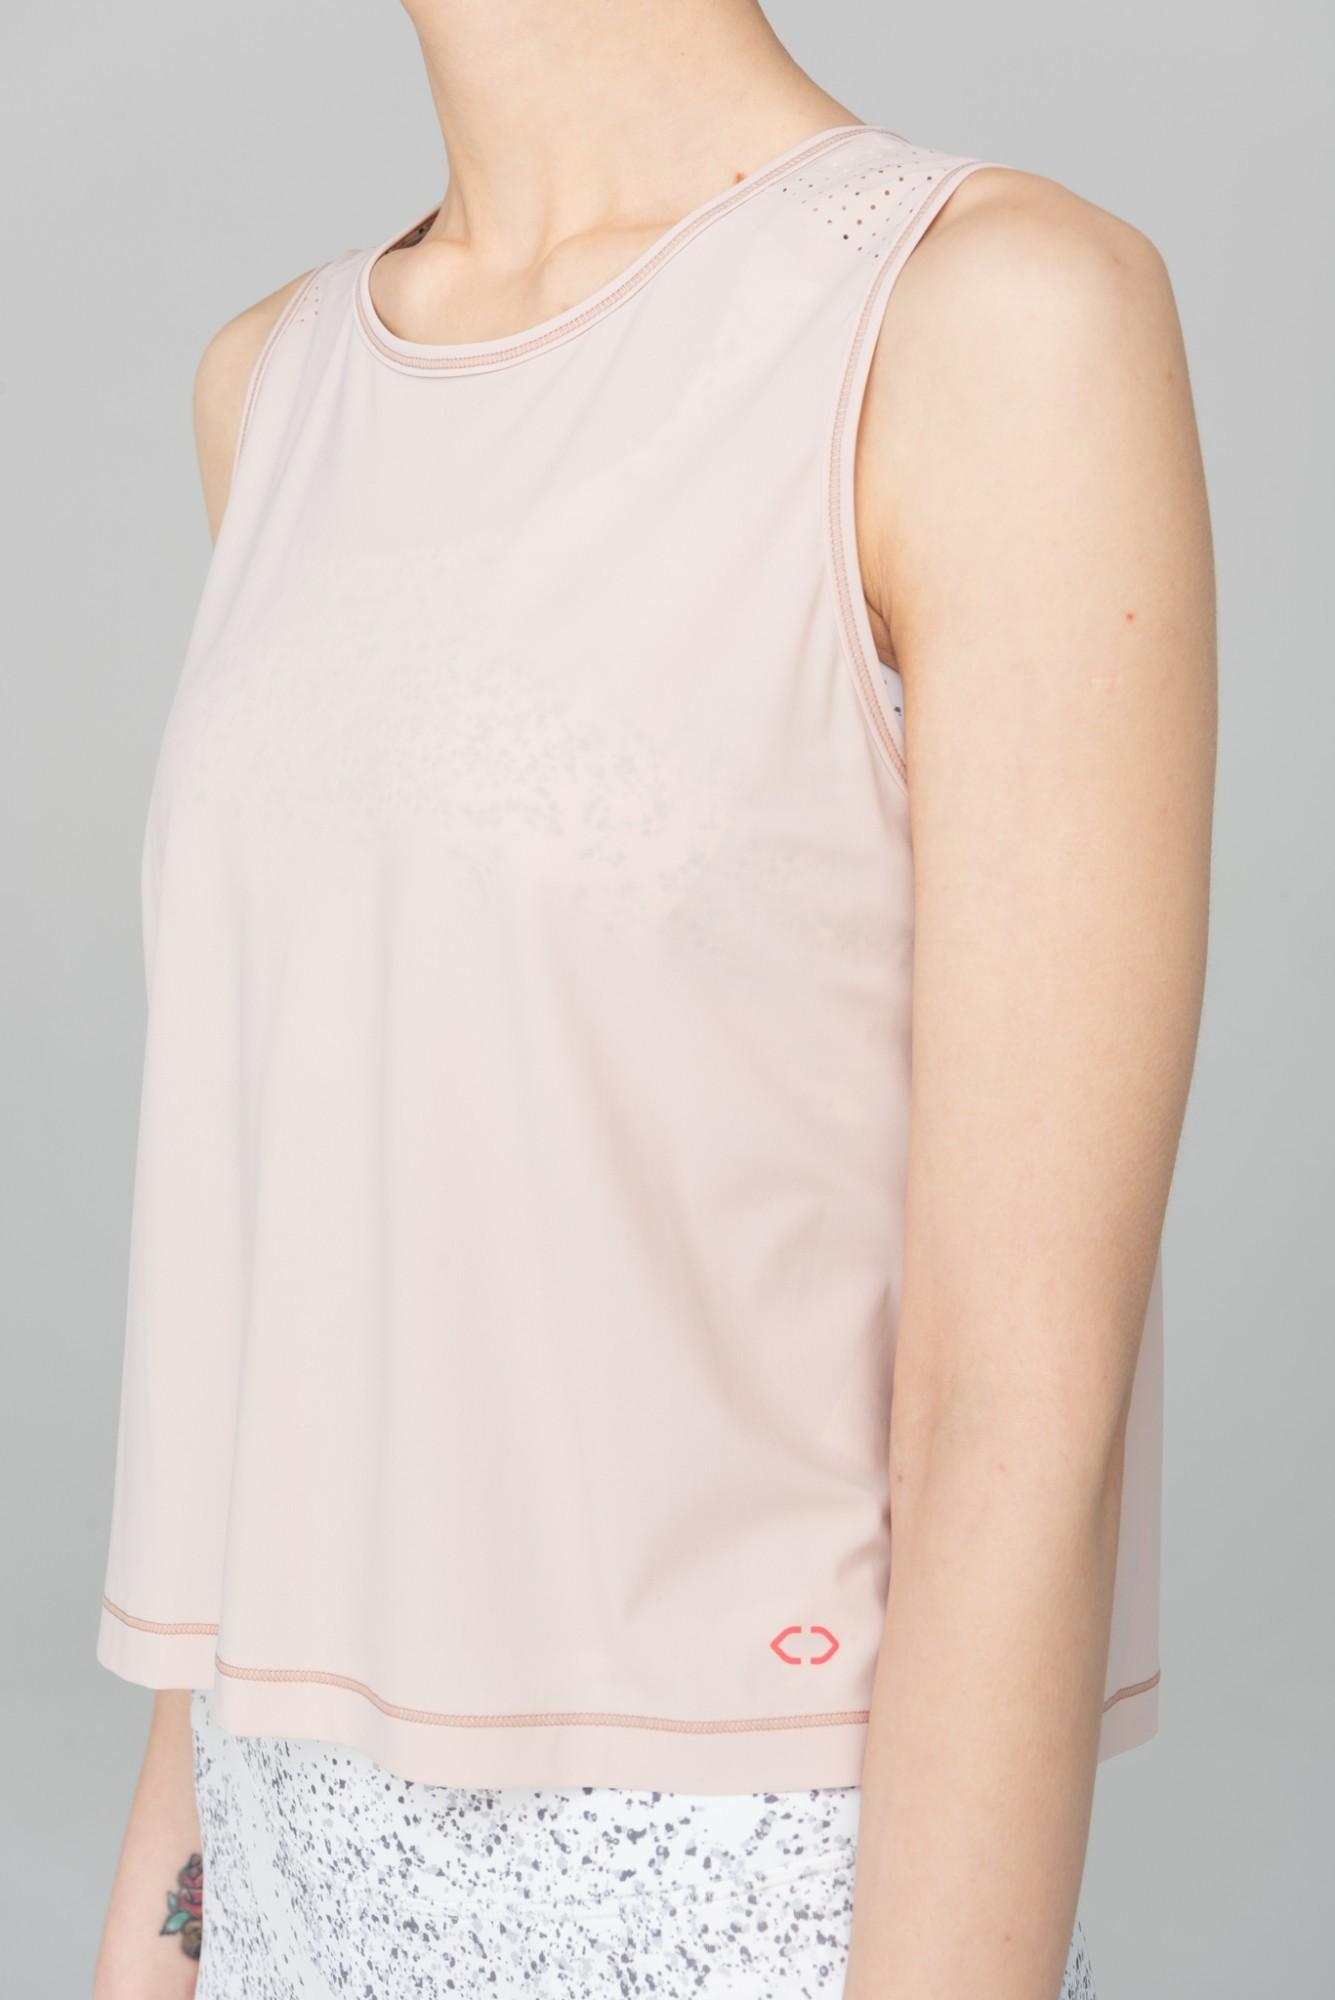 AUDIMAS Trumpi marškinėliai be rankovių 2111-314 Peach Whip L